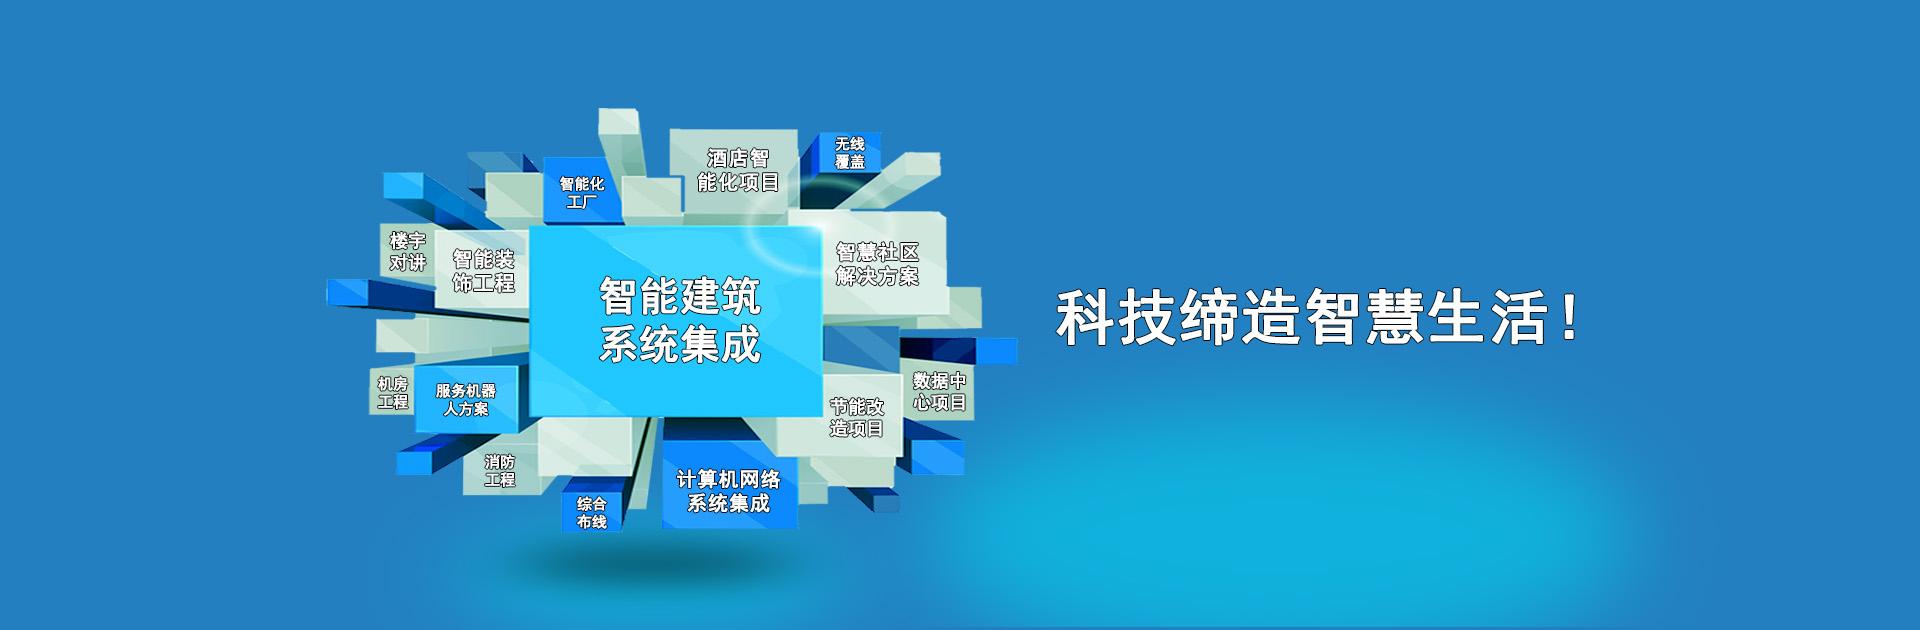 武漢停車管理系統